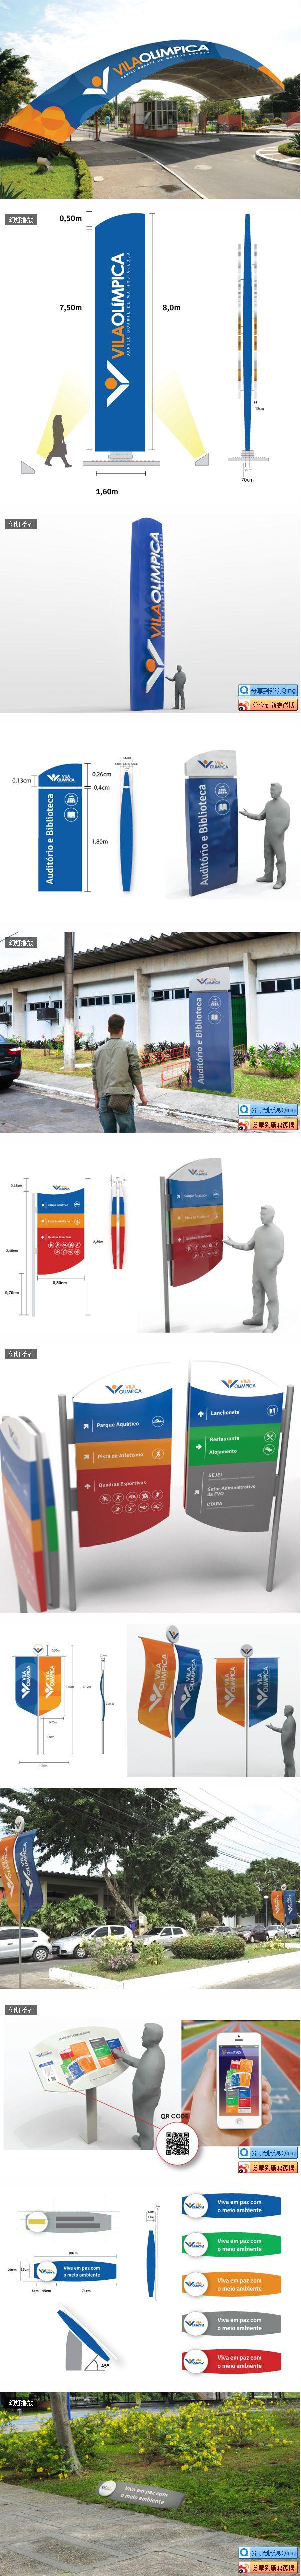 http://hotstand.com.br/ - 转载:玛瑙斯奥运村 导向标识系统_盛世传...